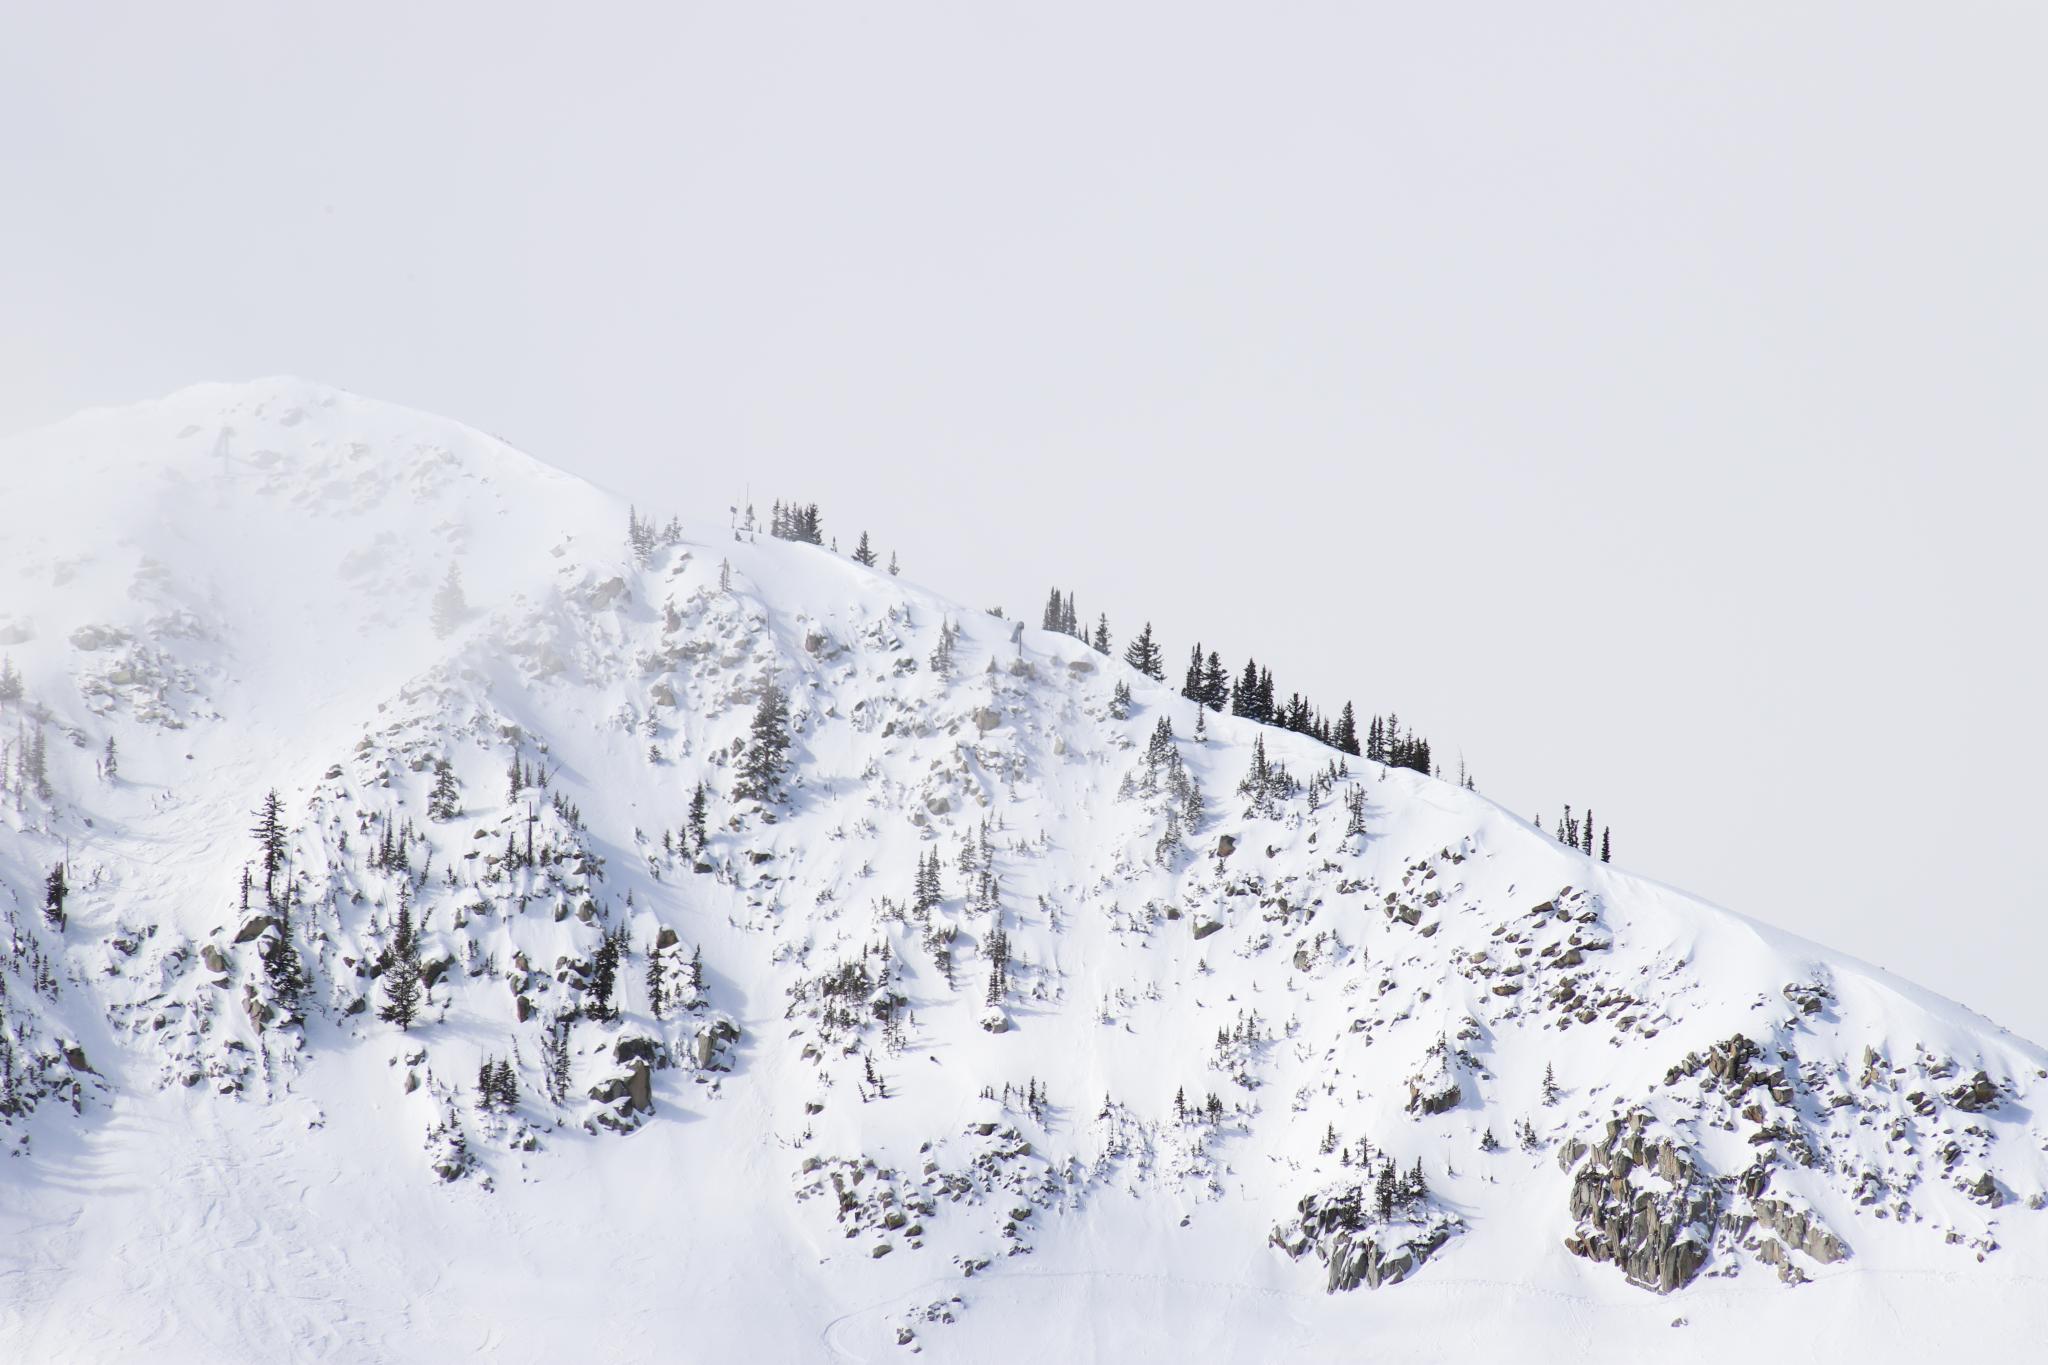 Travel: Park City/ Cottonwood Canyon, Utah